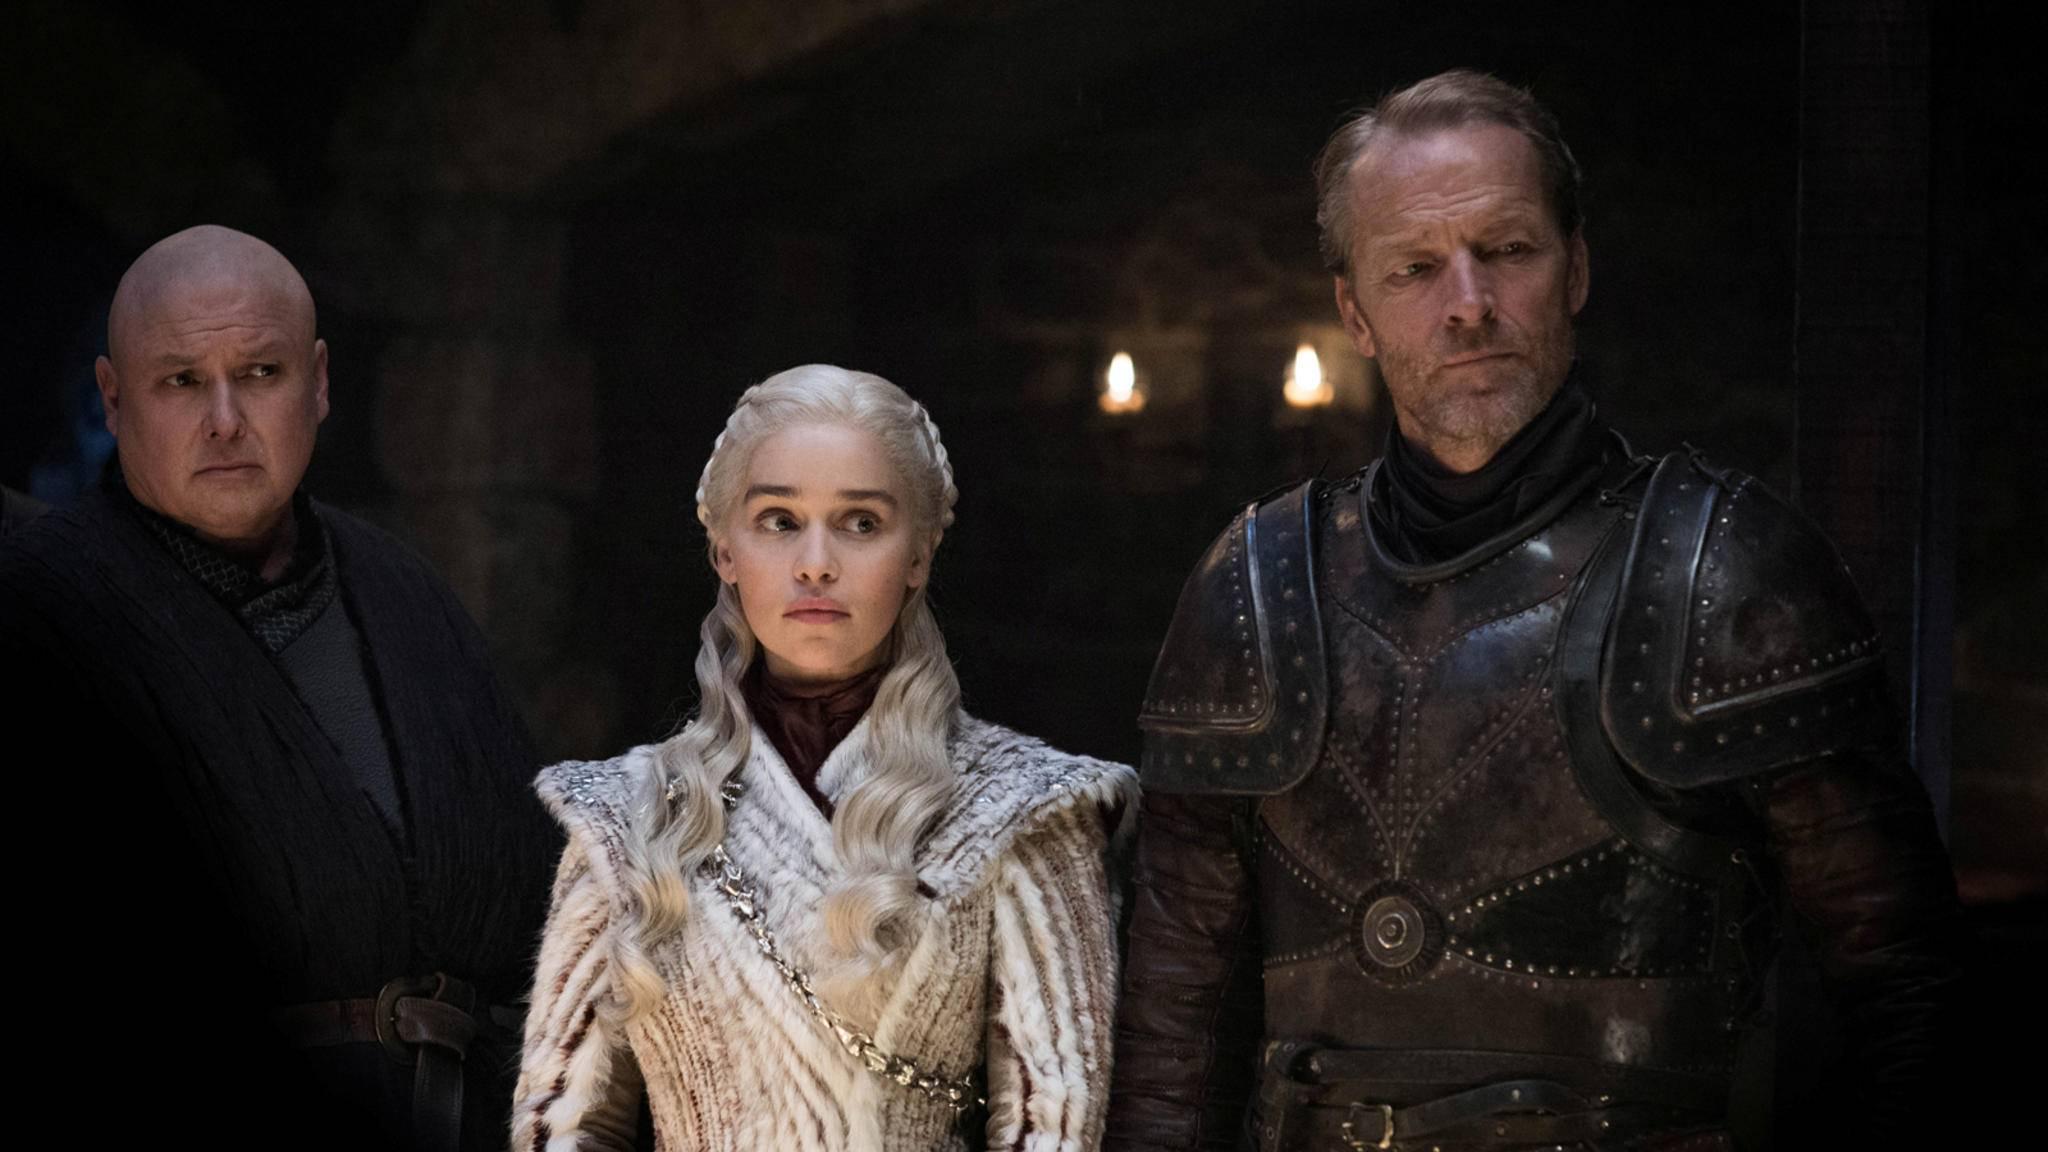 Varys, Daenerys und Ser Jorah: Das Schicksal zumindest einer Figur hätte auch anders aussehen können.